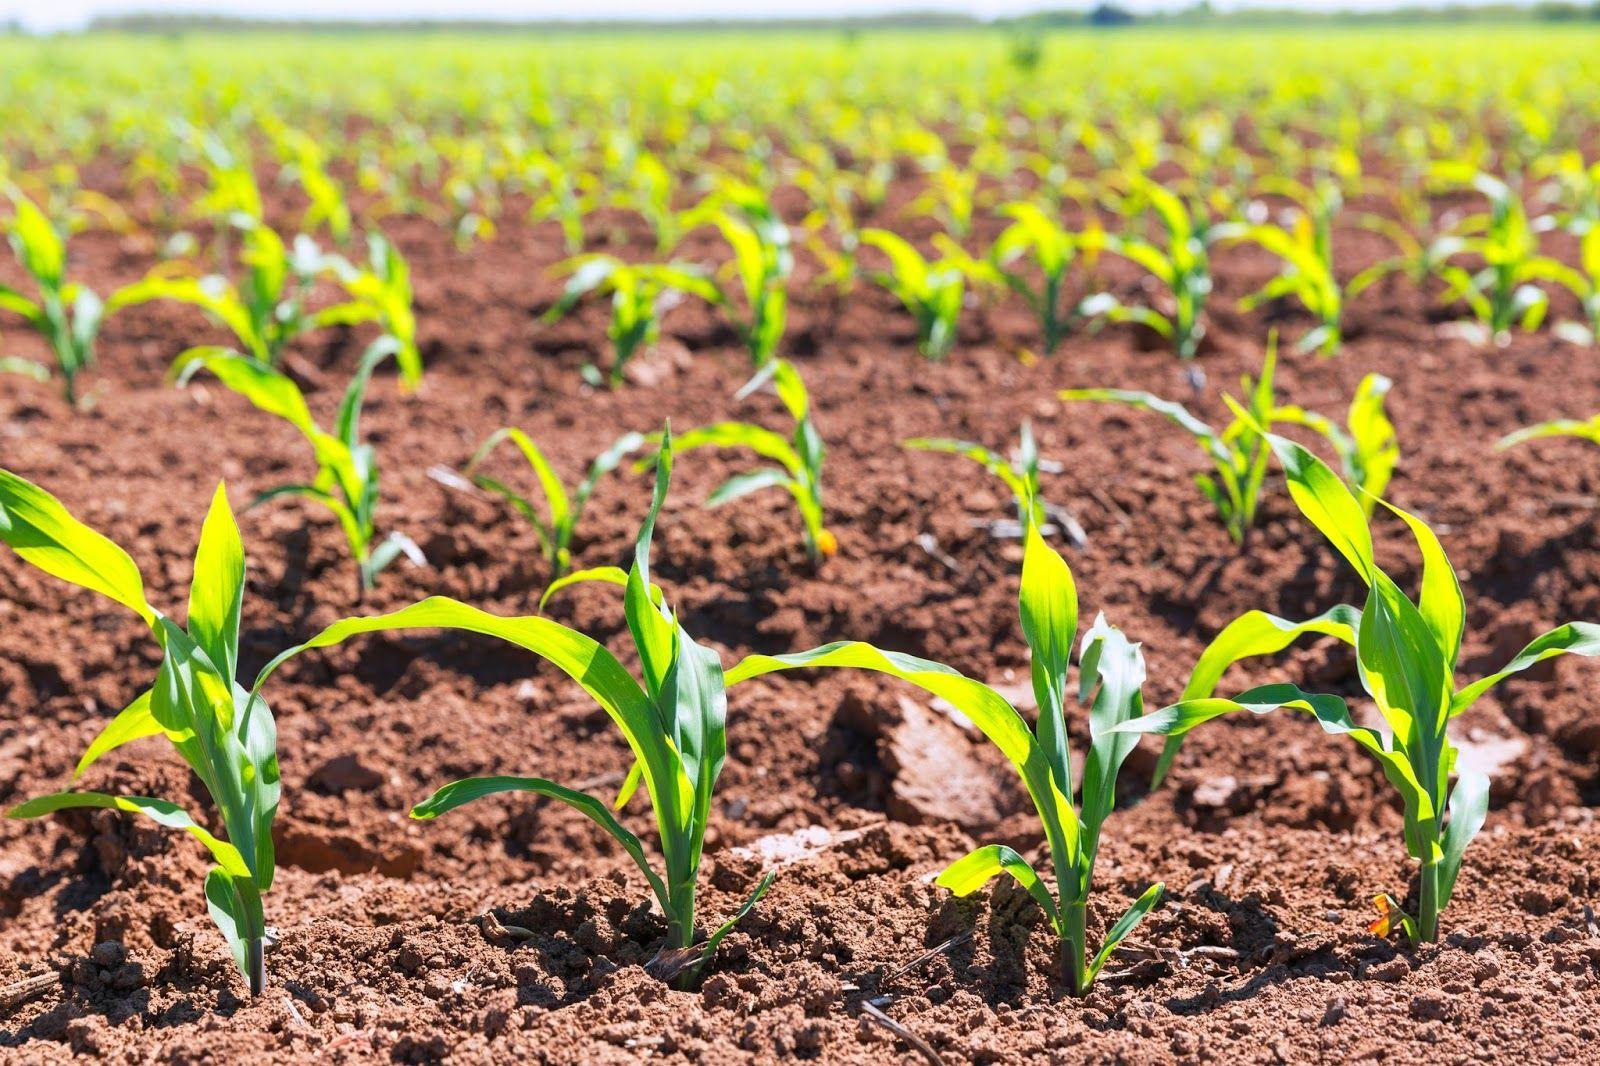 Ventajas y desventajas del uso de fertilizantes